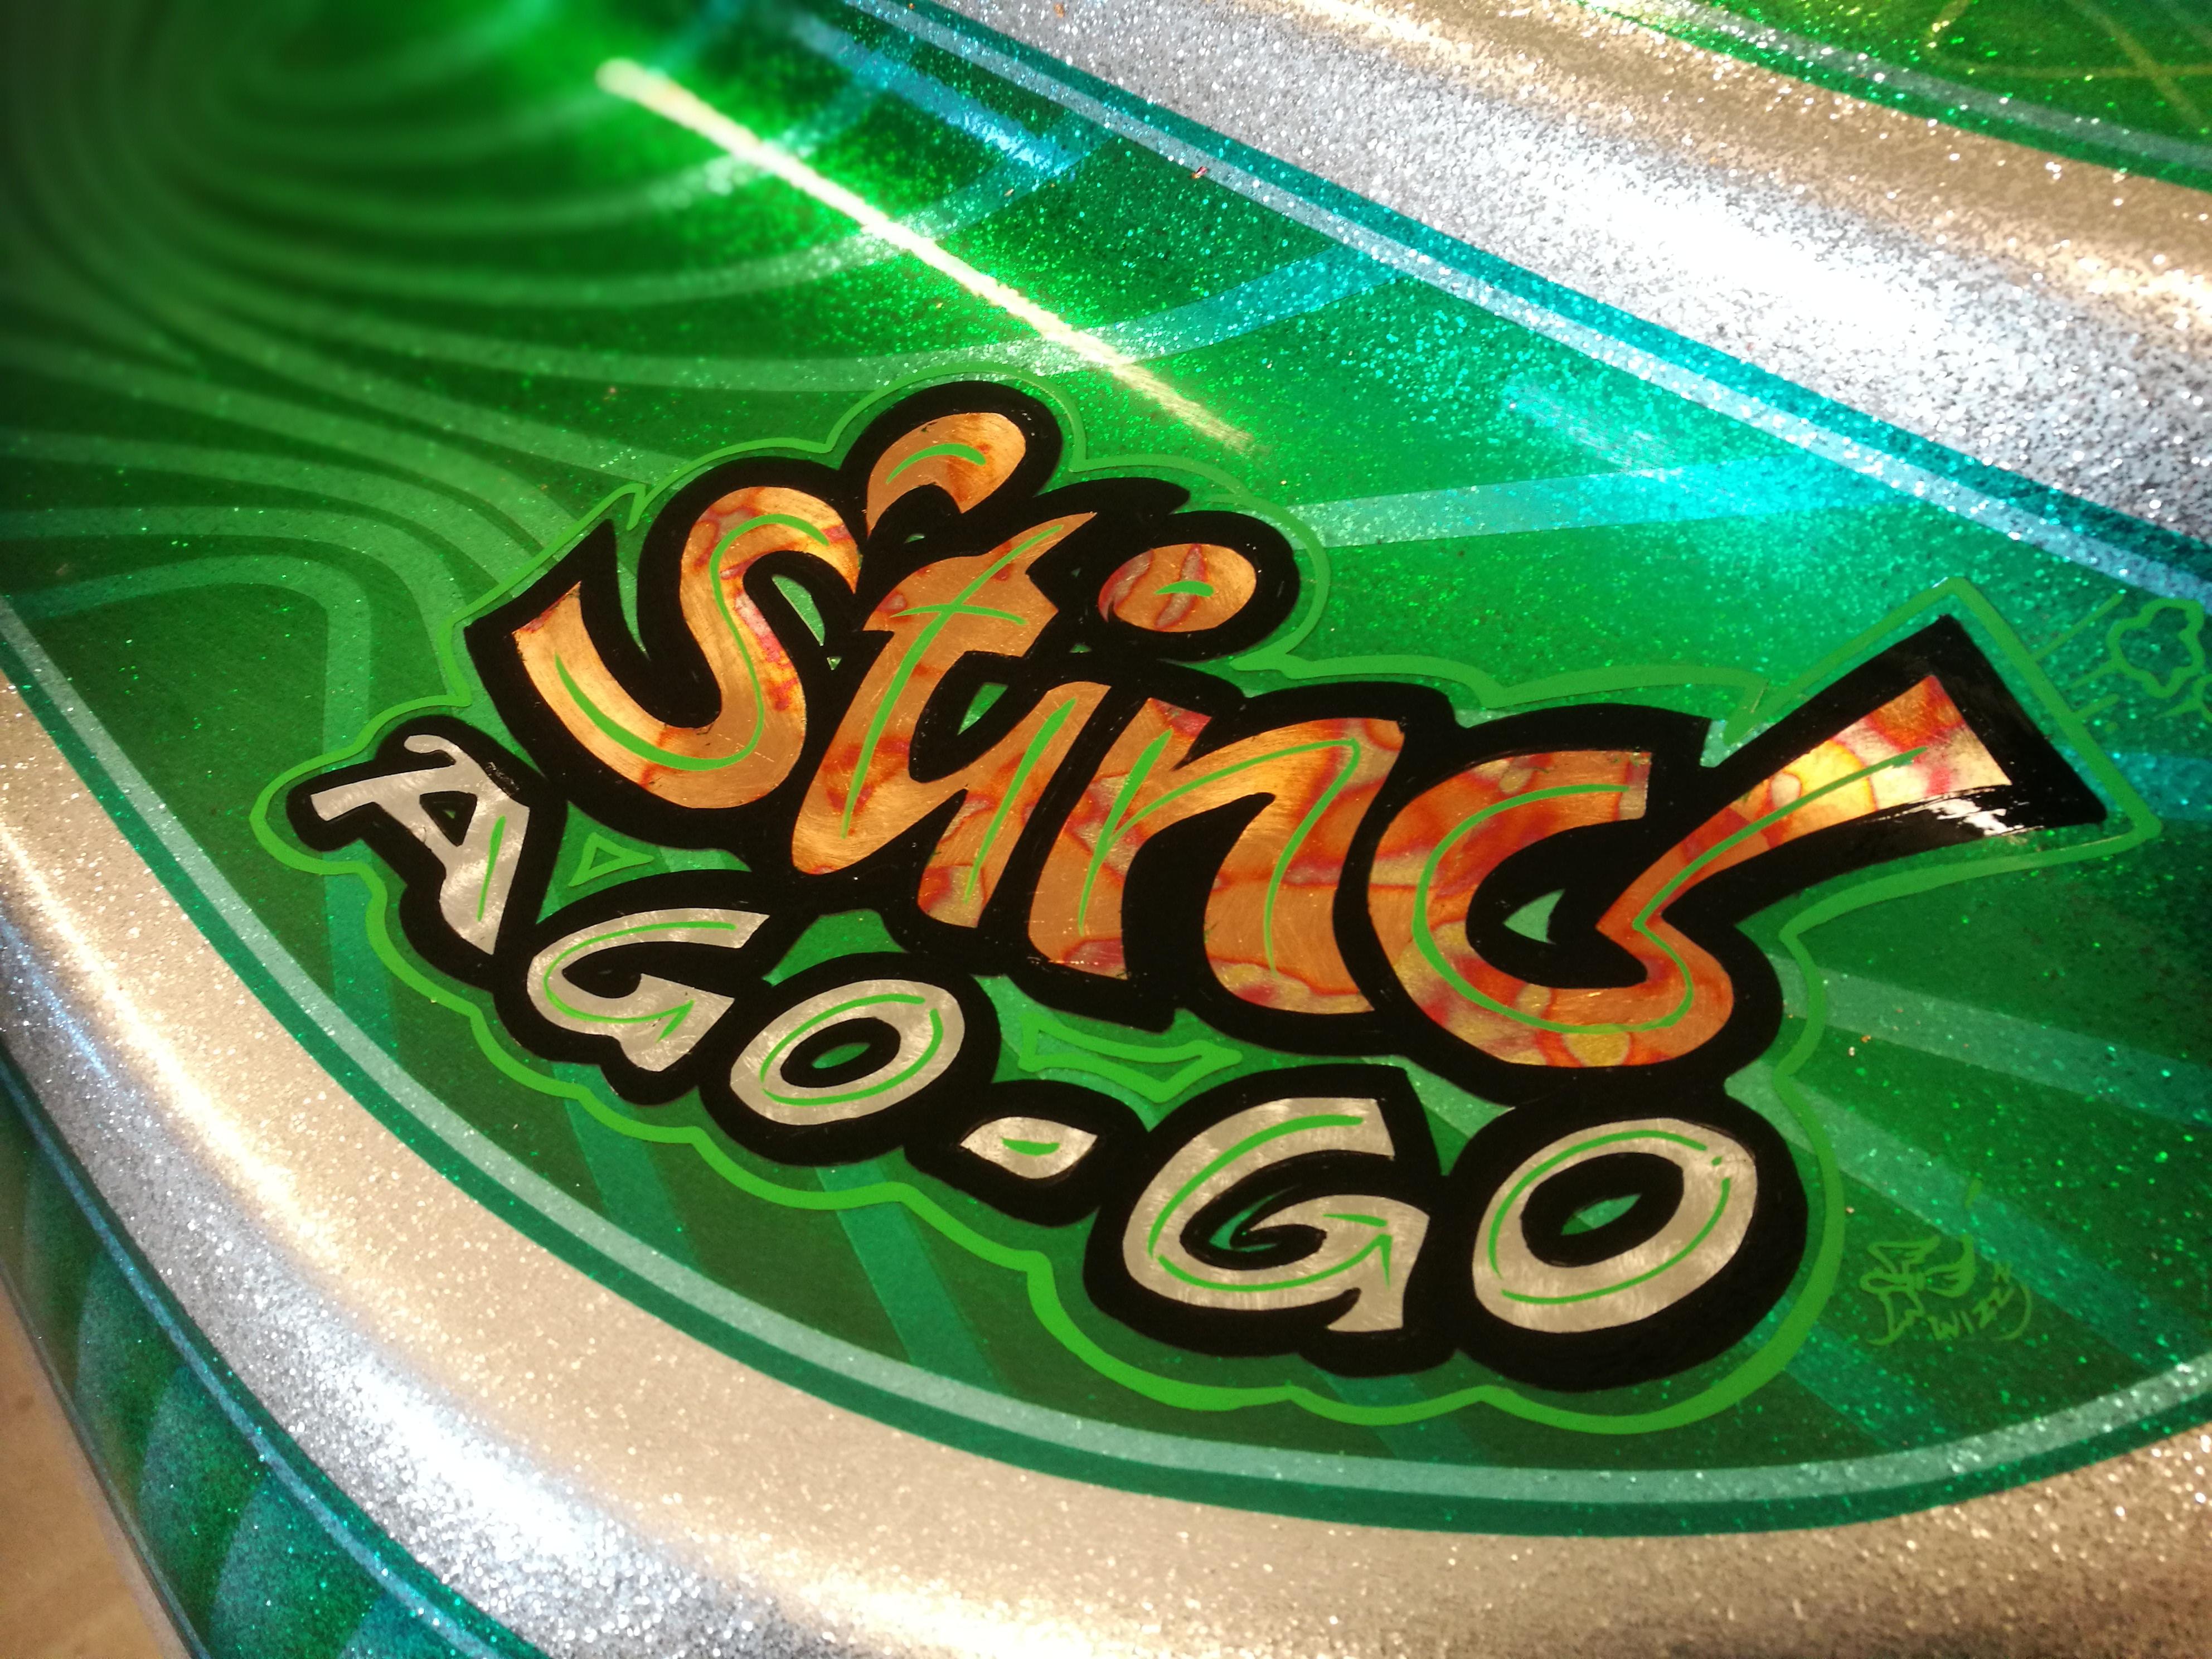 Sting A Go-Go